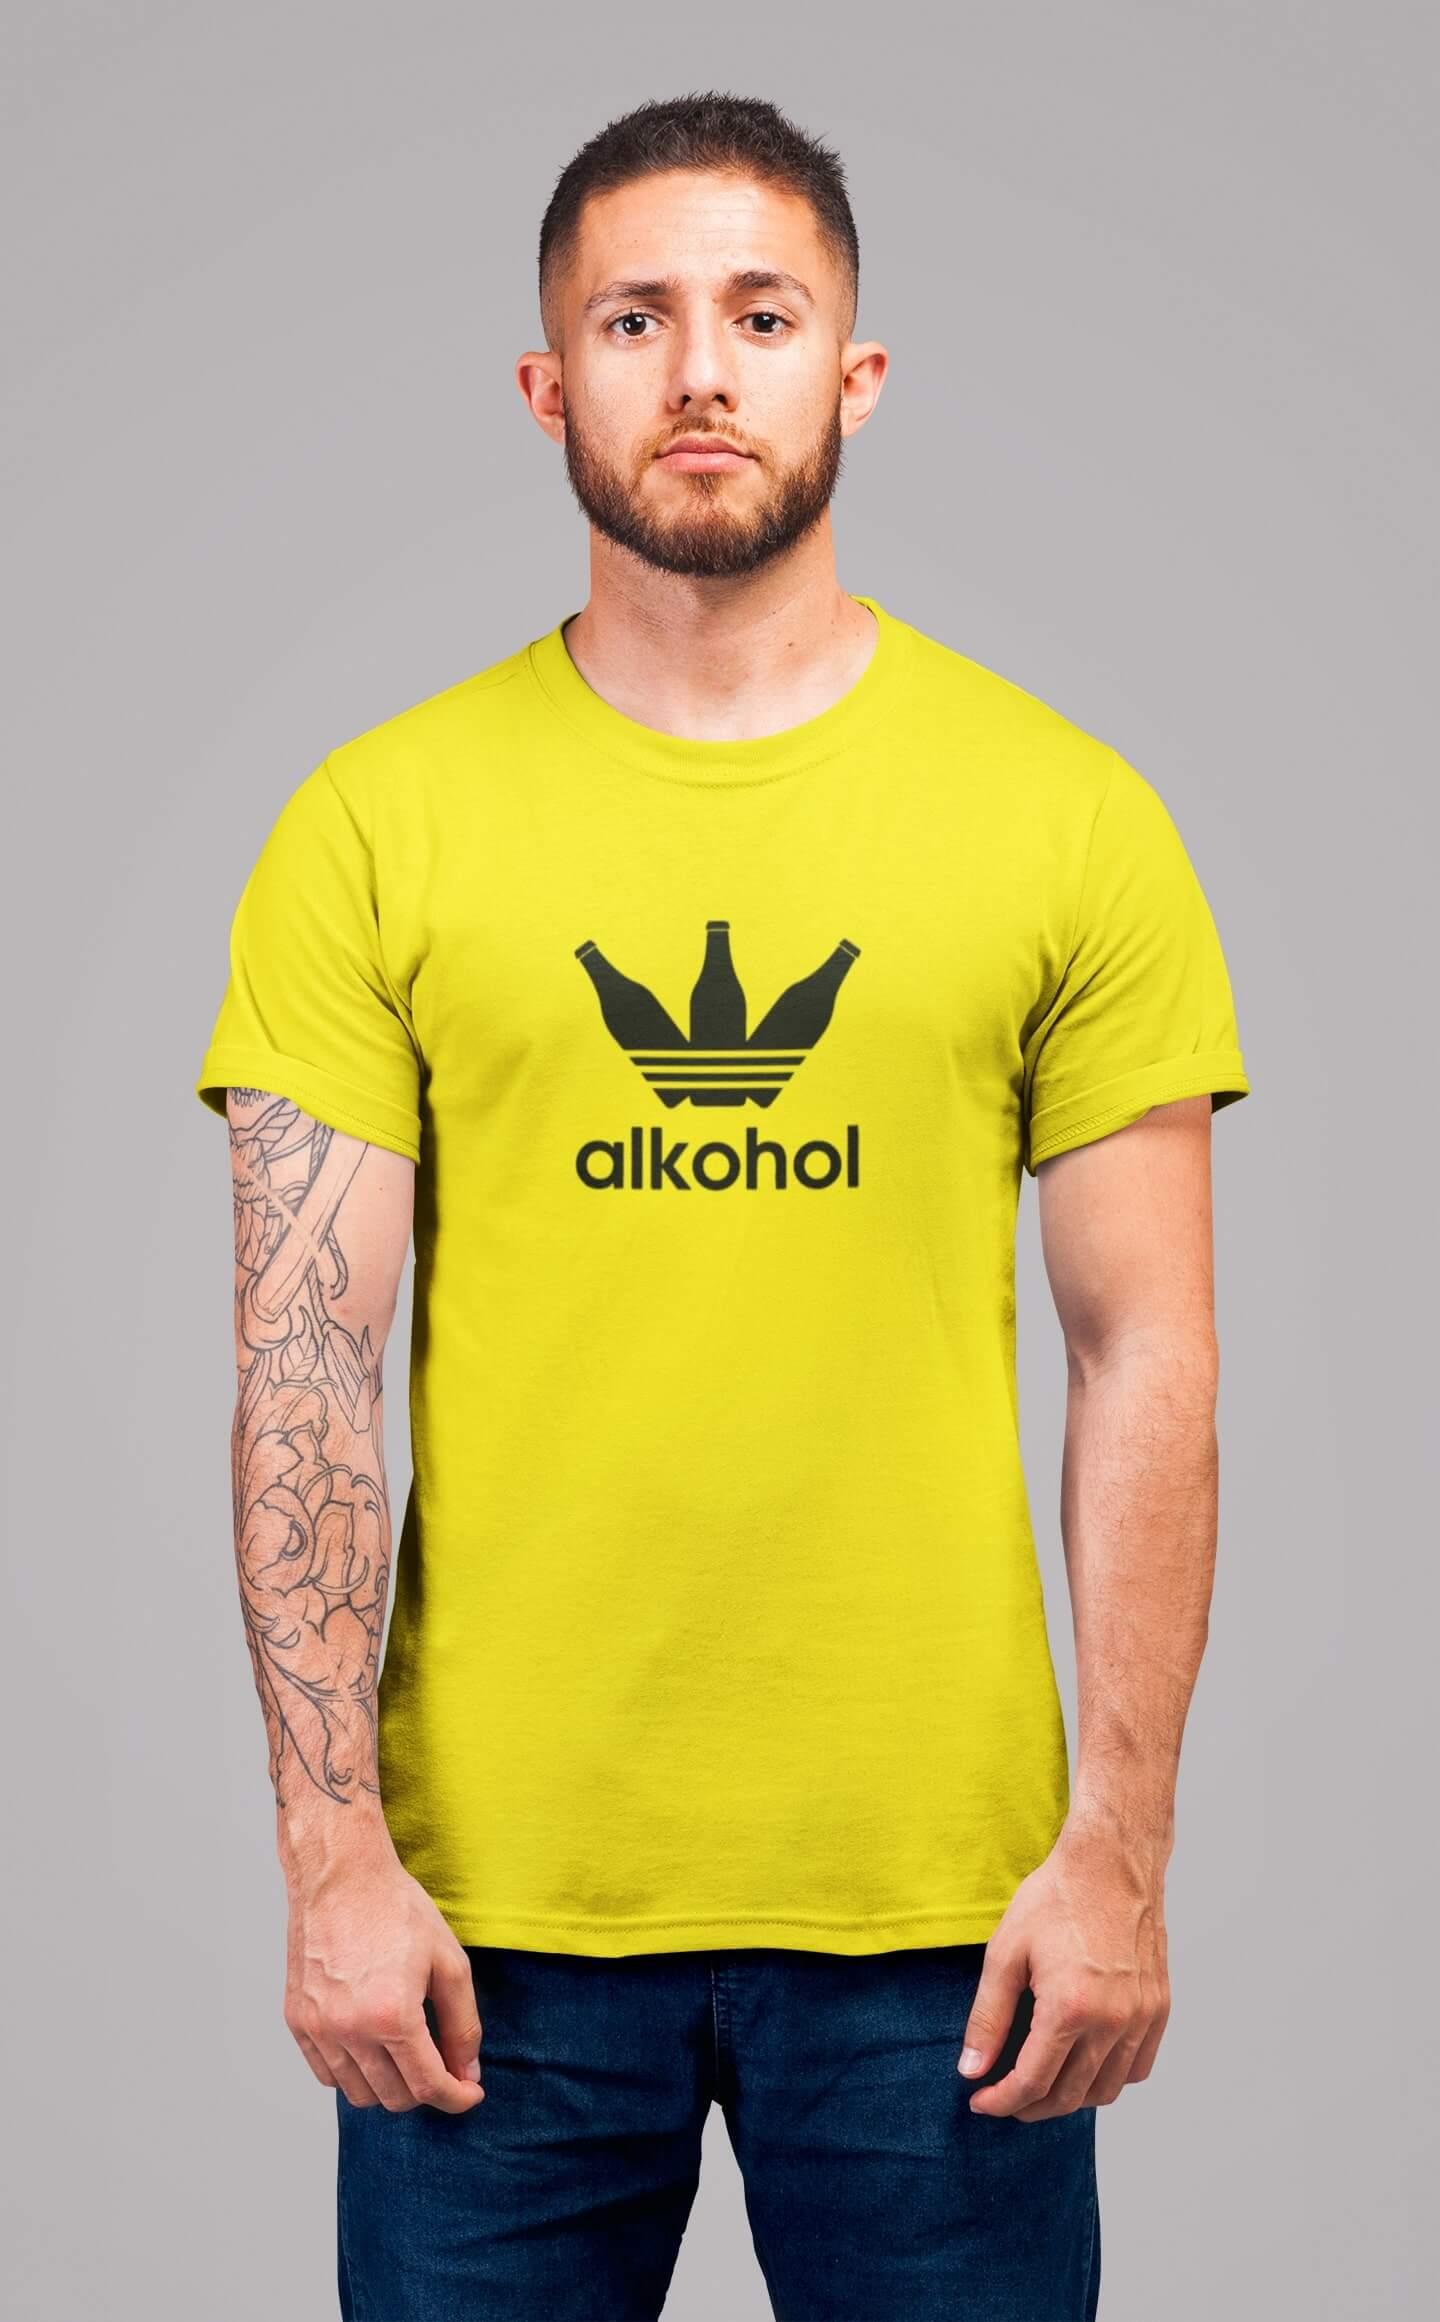 MMO Pánske tričko s flaškami Vyberte farbu: Citrónová, Vyberte veľkosť: S